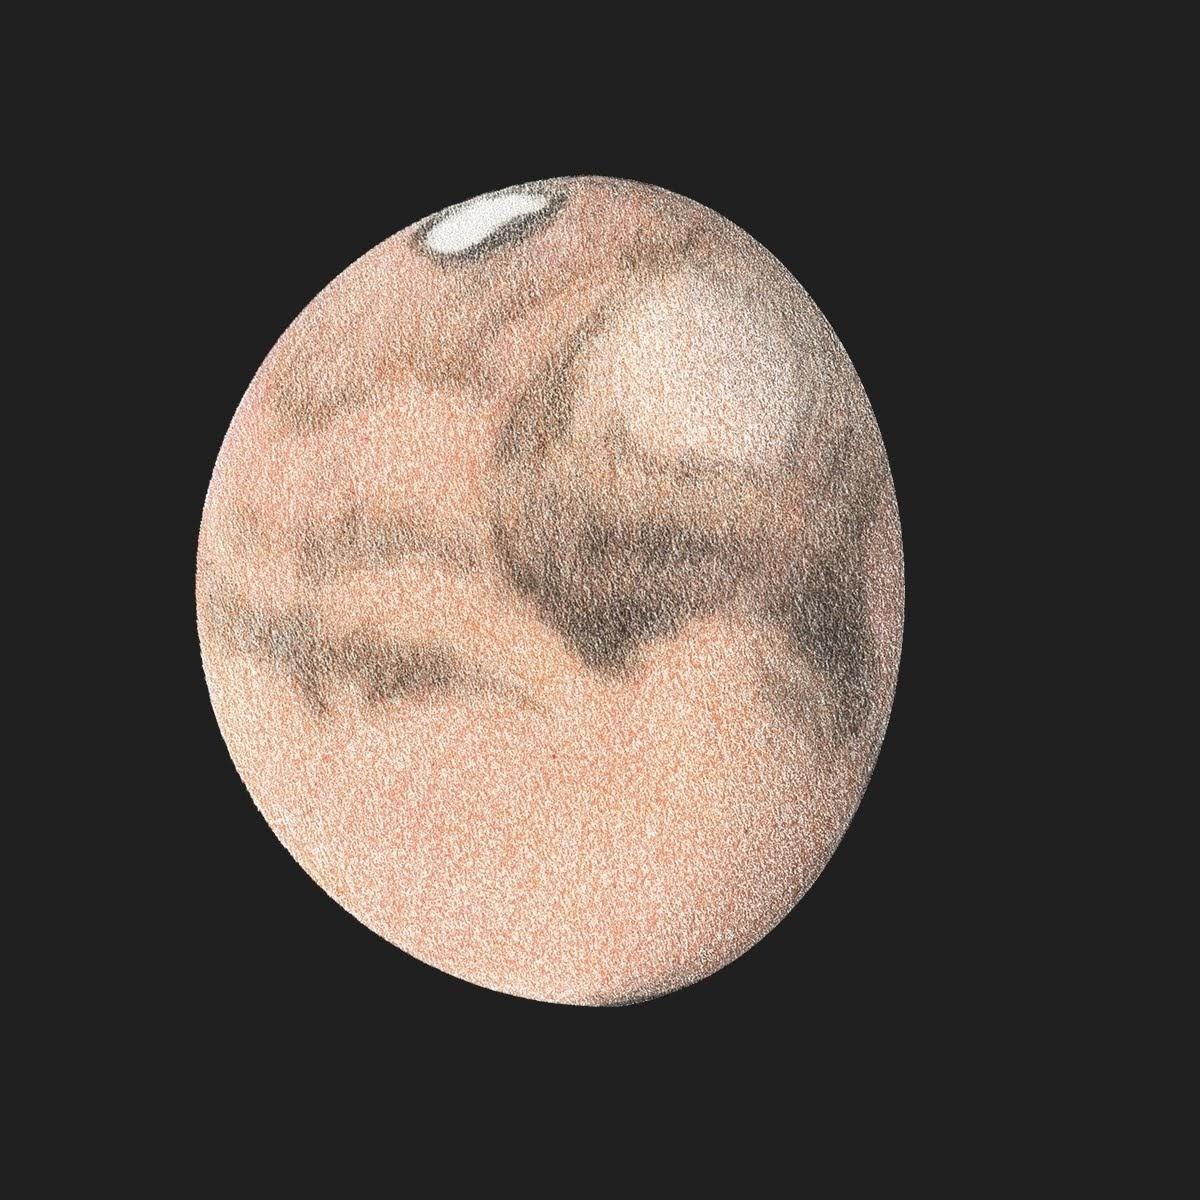 Photo: Le 21 octobre 2018 à 19H10 TU. MC=275°, taille 13'' d'arc. Déclinaison terrestre -18,2°. T406 à 600X en bino et filtre rouge RG610.